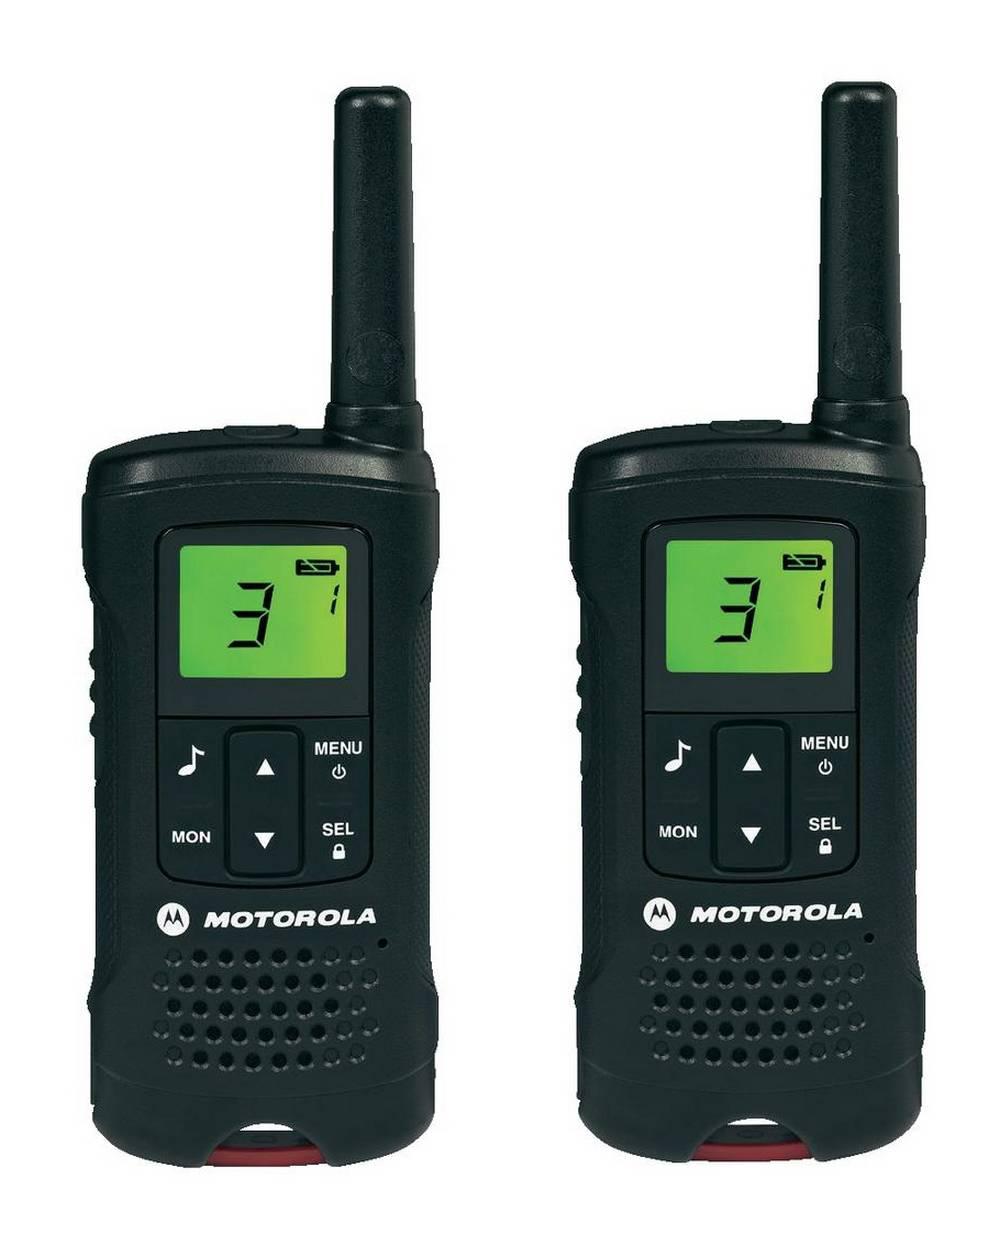 Walkie Talkie Motorola PMR T60 Μαύρο με υποδοχή Hands Free   Εύρος Κάλυψης 8 km